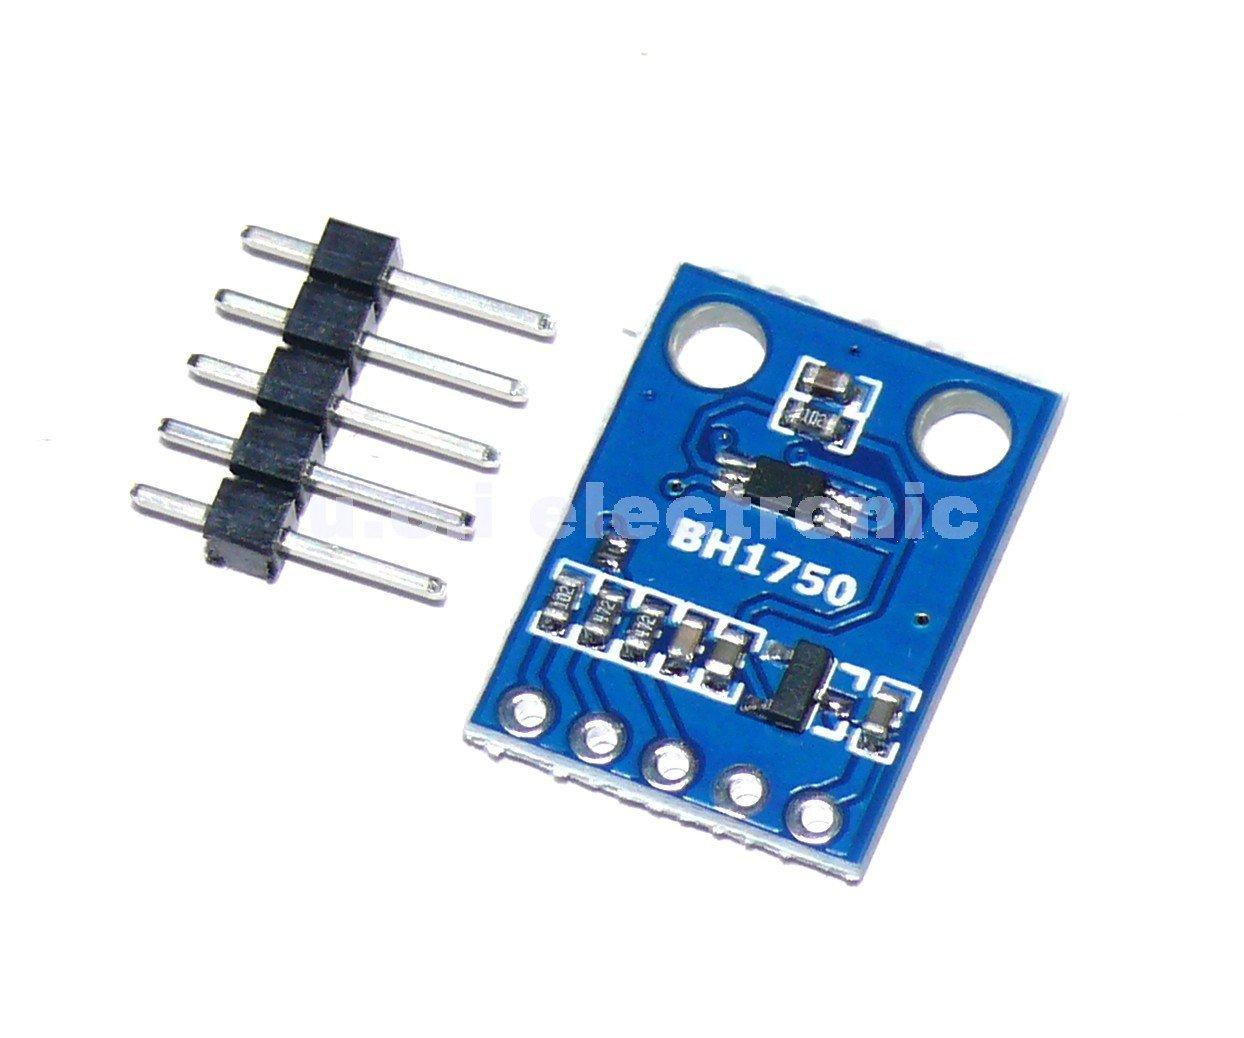 【UCI電子】(14-1) GY-302 BH1750 光強度光照度模組(C7A3)